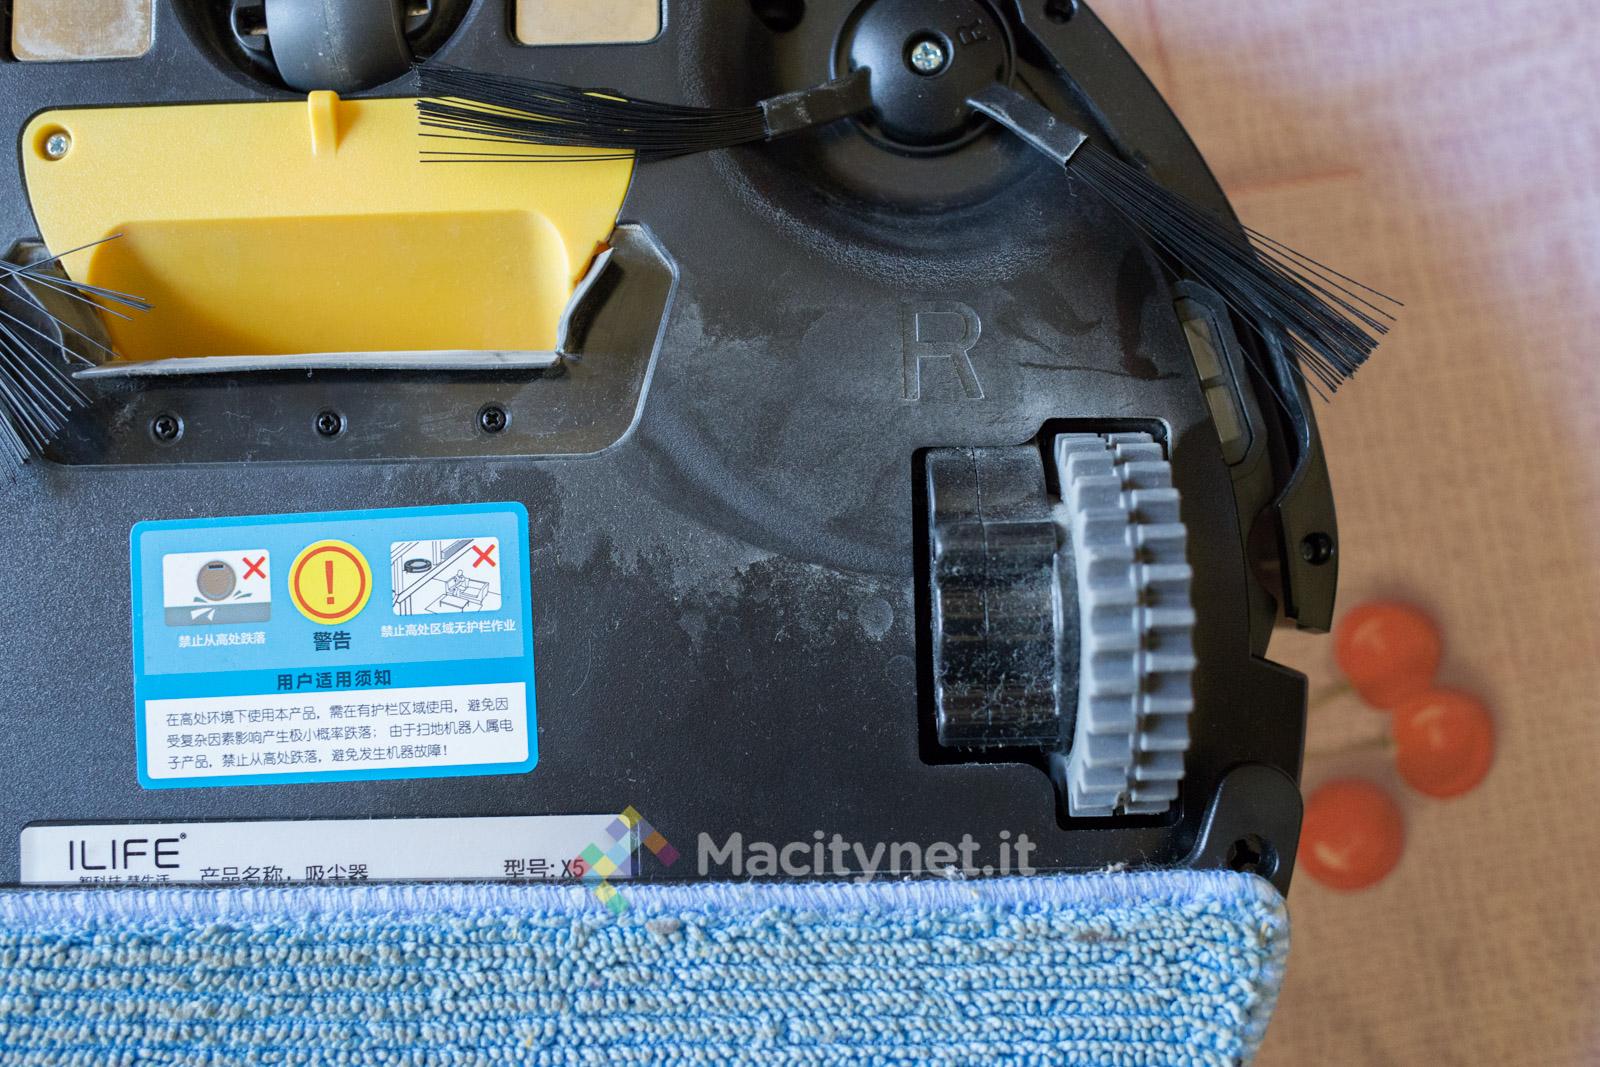 Recensione ilife x5 l 39 aspirapolvere robot che pulisce - Quanto costa aspirapolvere folletto ...